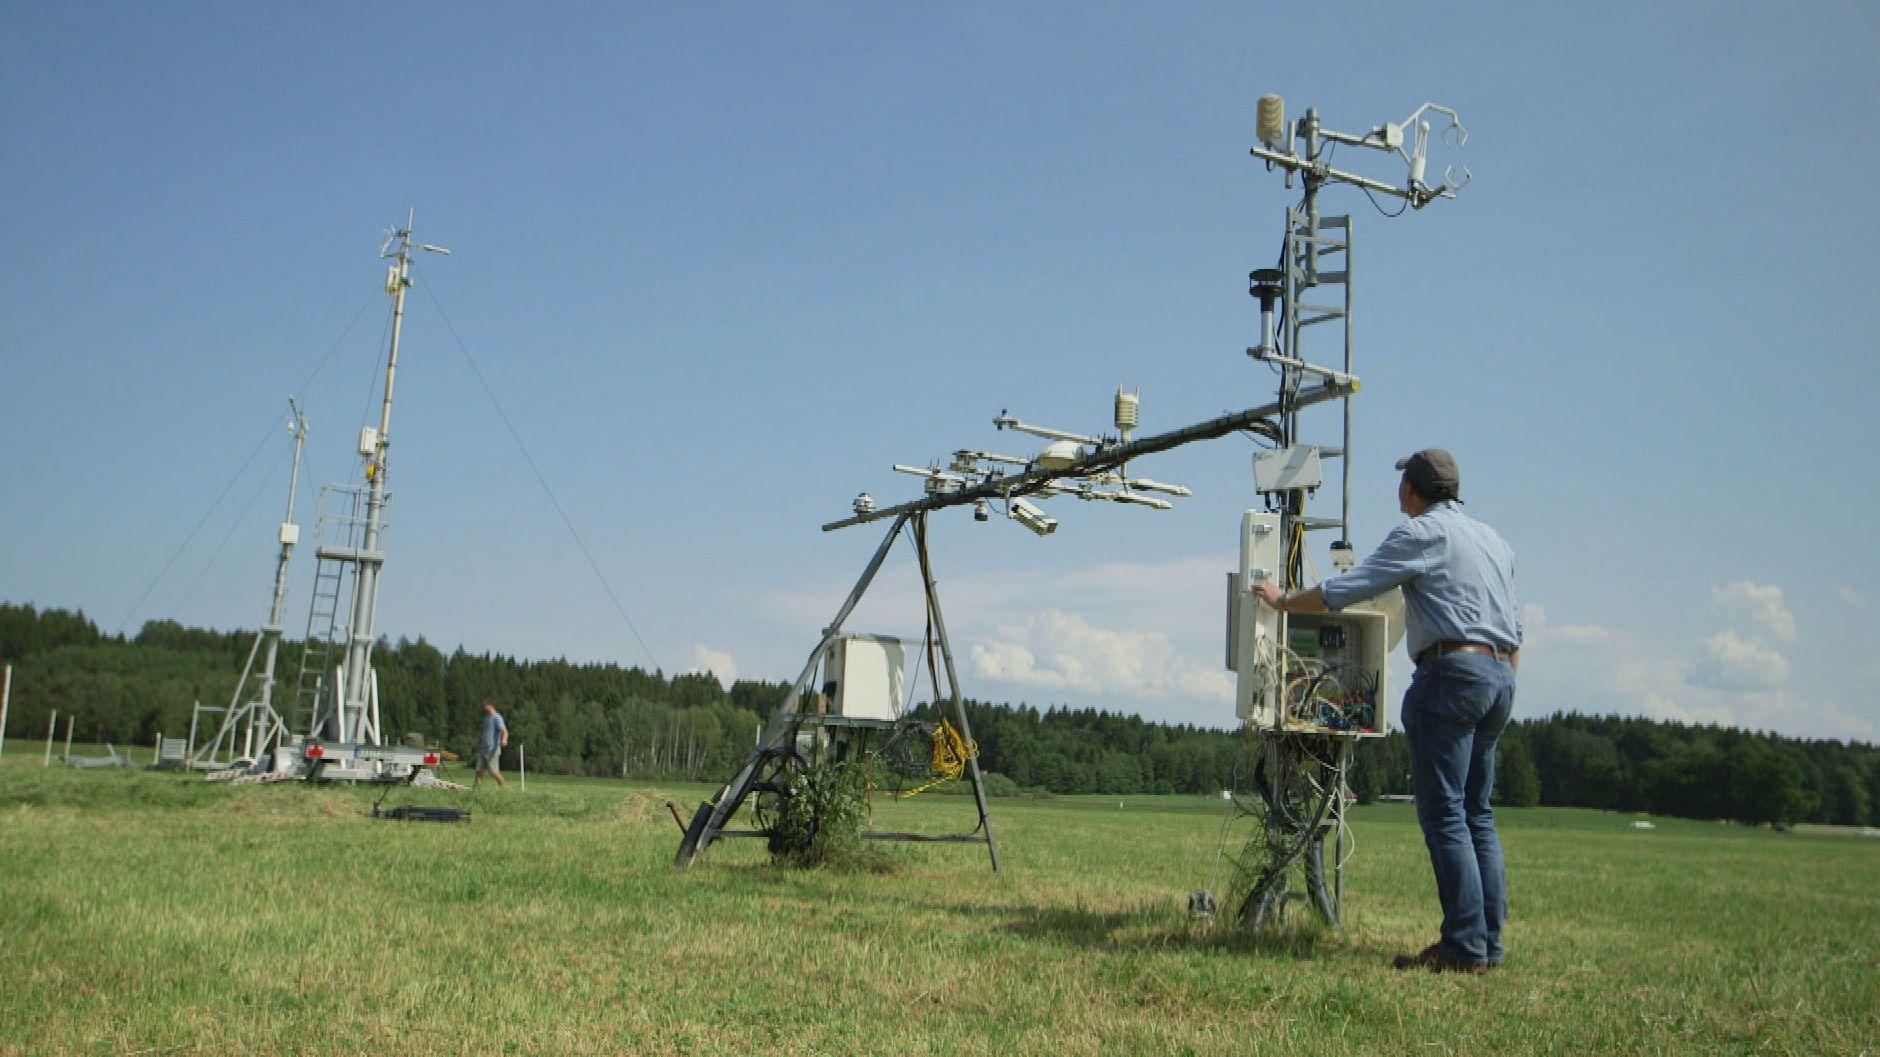 Klima-Messtationen, Drohnen, Laser und viel Hightech sollen zu genaueren Klima-Prognosen führen